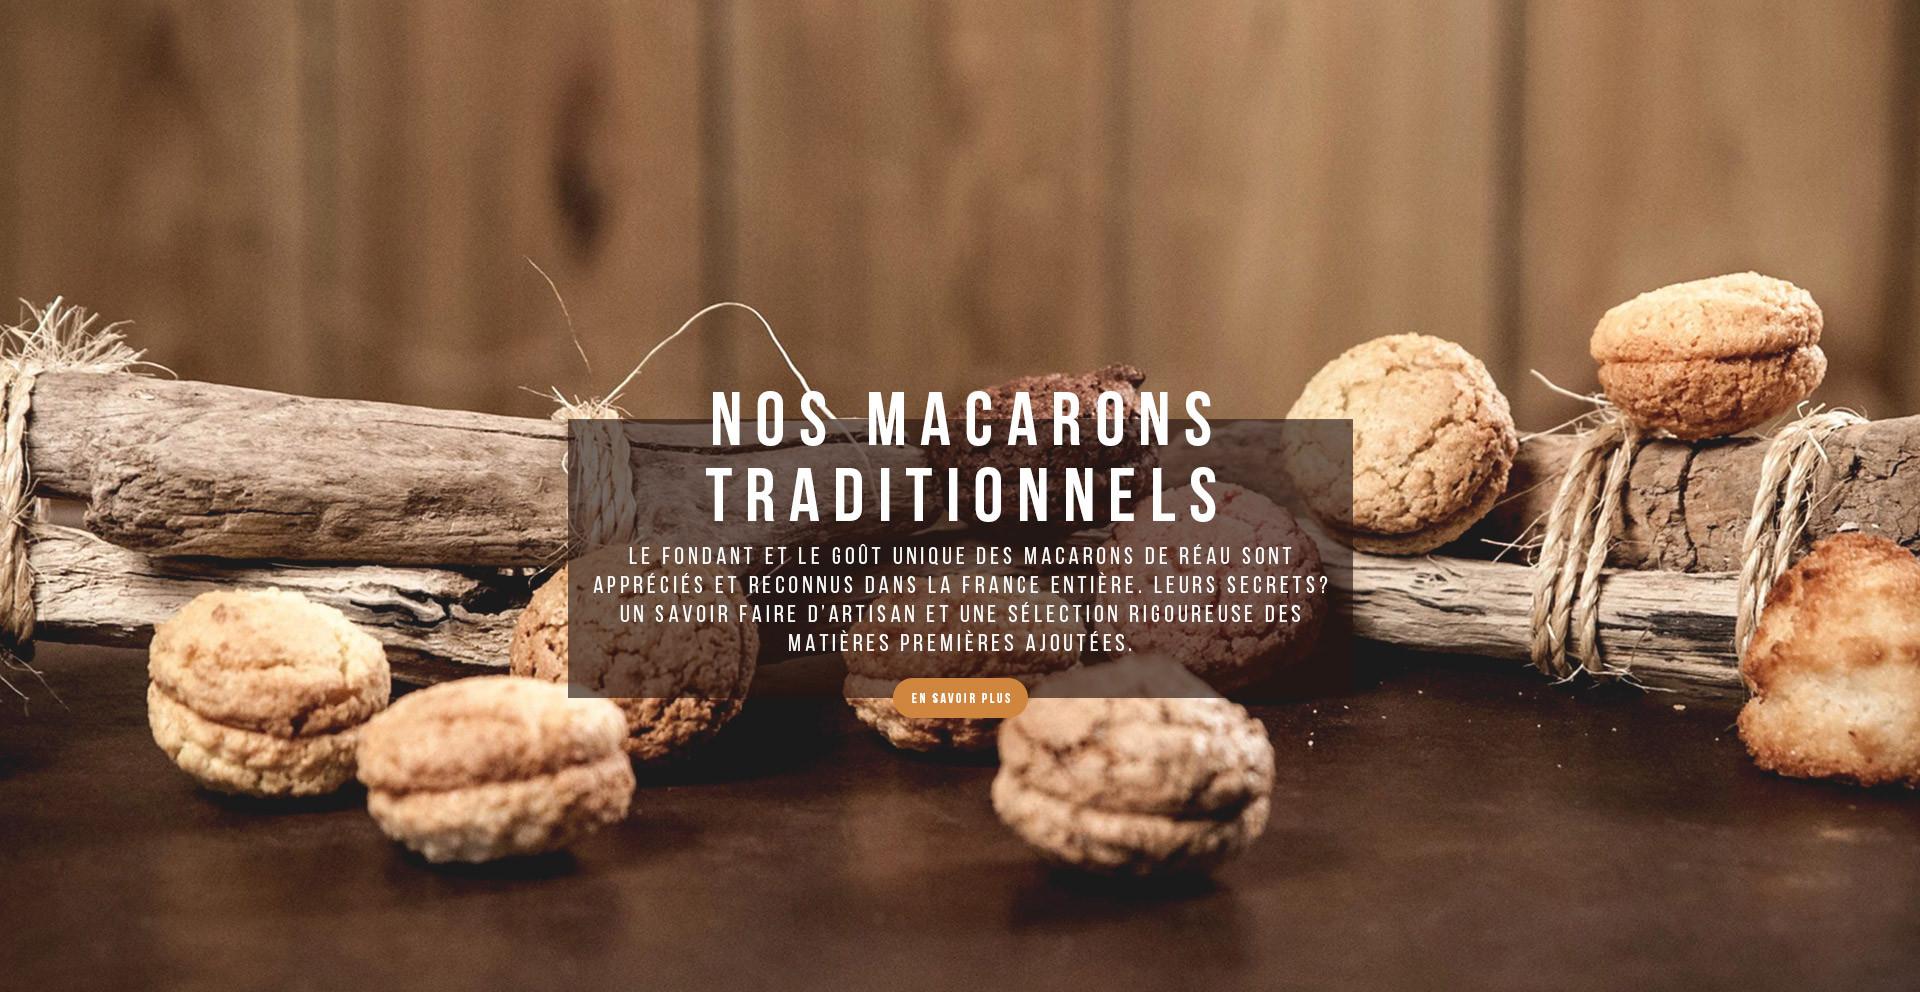 Le fondant et le goût unique des Macarons de Réau sont appréciés et reconnus dans la France entière. Leurs secrets? Un savoir faire d'artisan et une sélection rigoureuse des matières premières ajoutées.